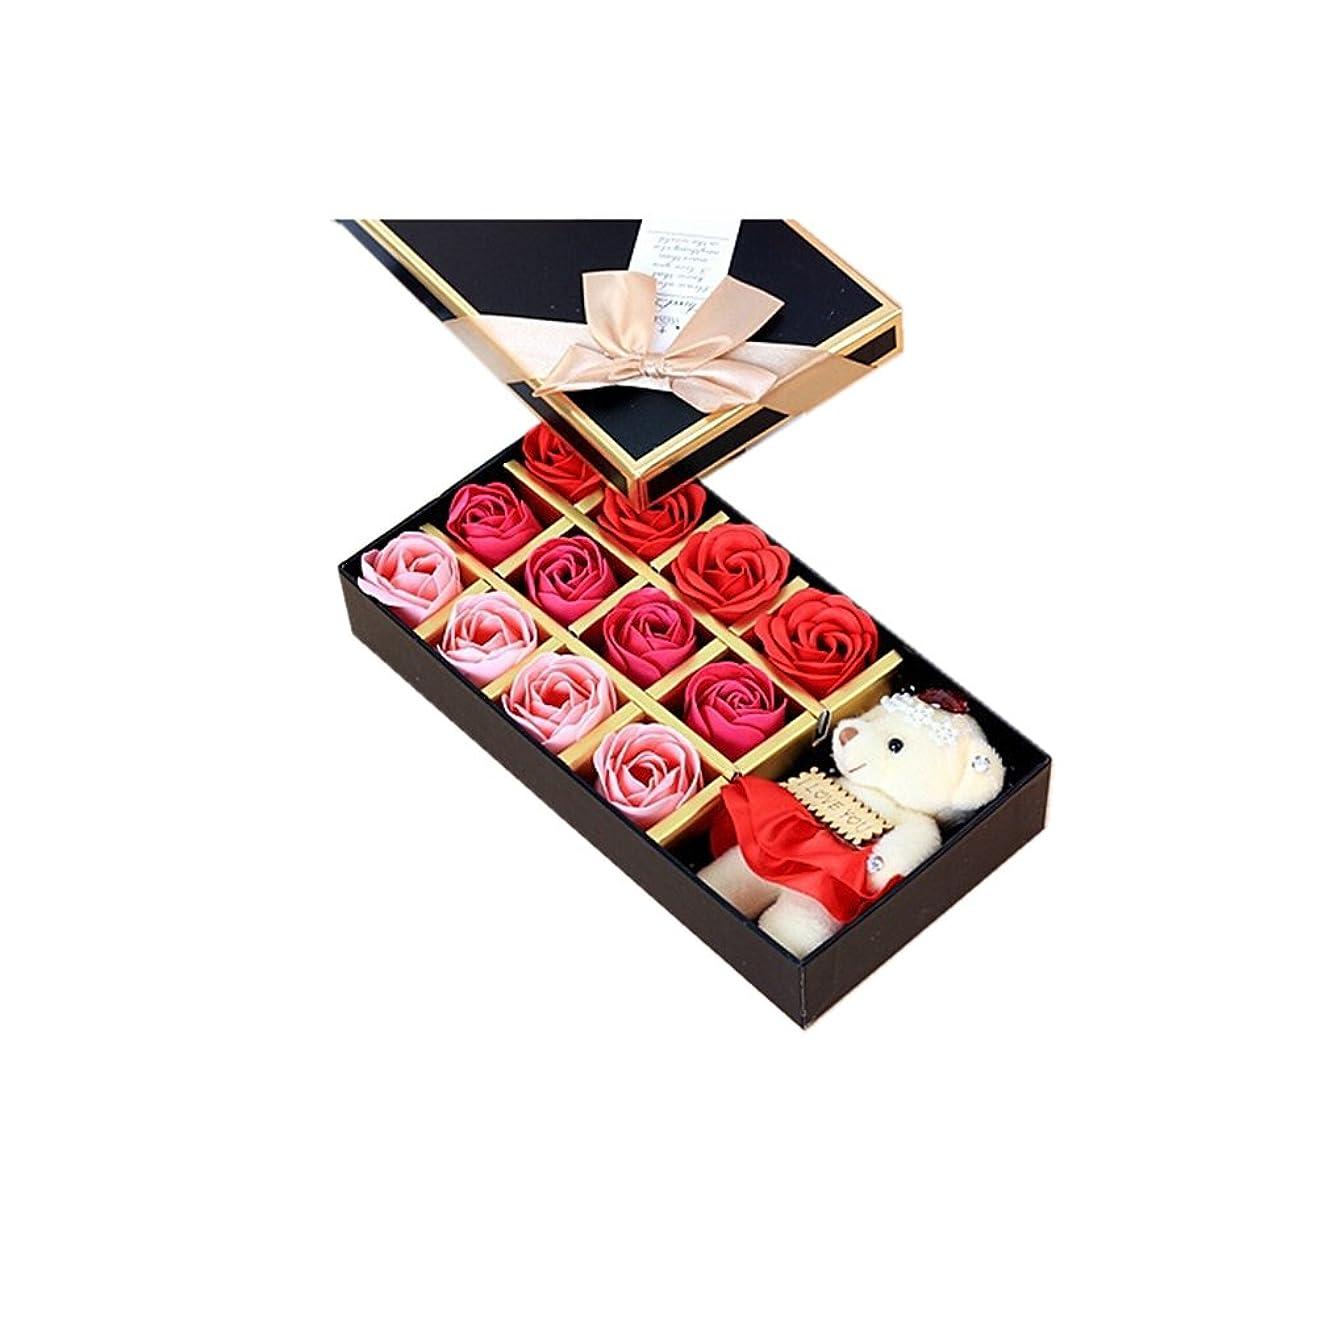 東ティモール暴徒紳士ROSENICE 香り バラの花 お風呂 石鹸 ギフトボックス (赤)